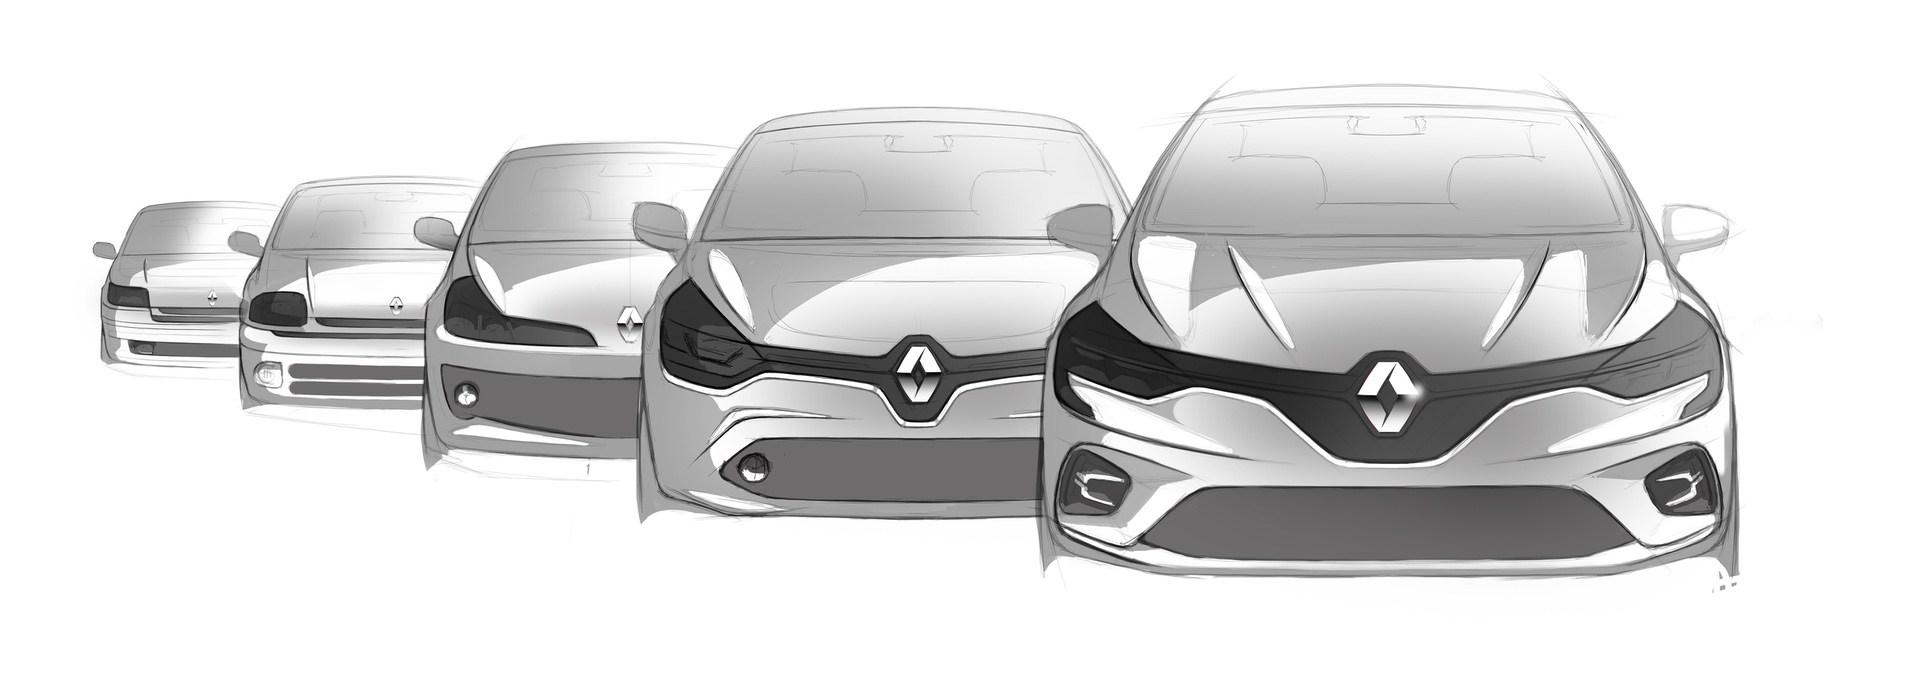 2019 - Genèse design Nouvelle Renault CLIO